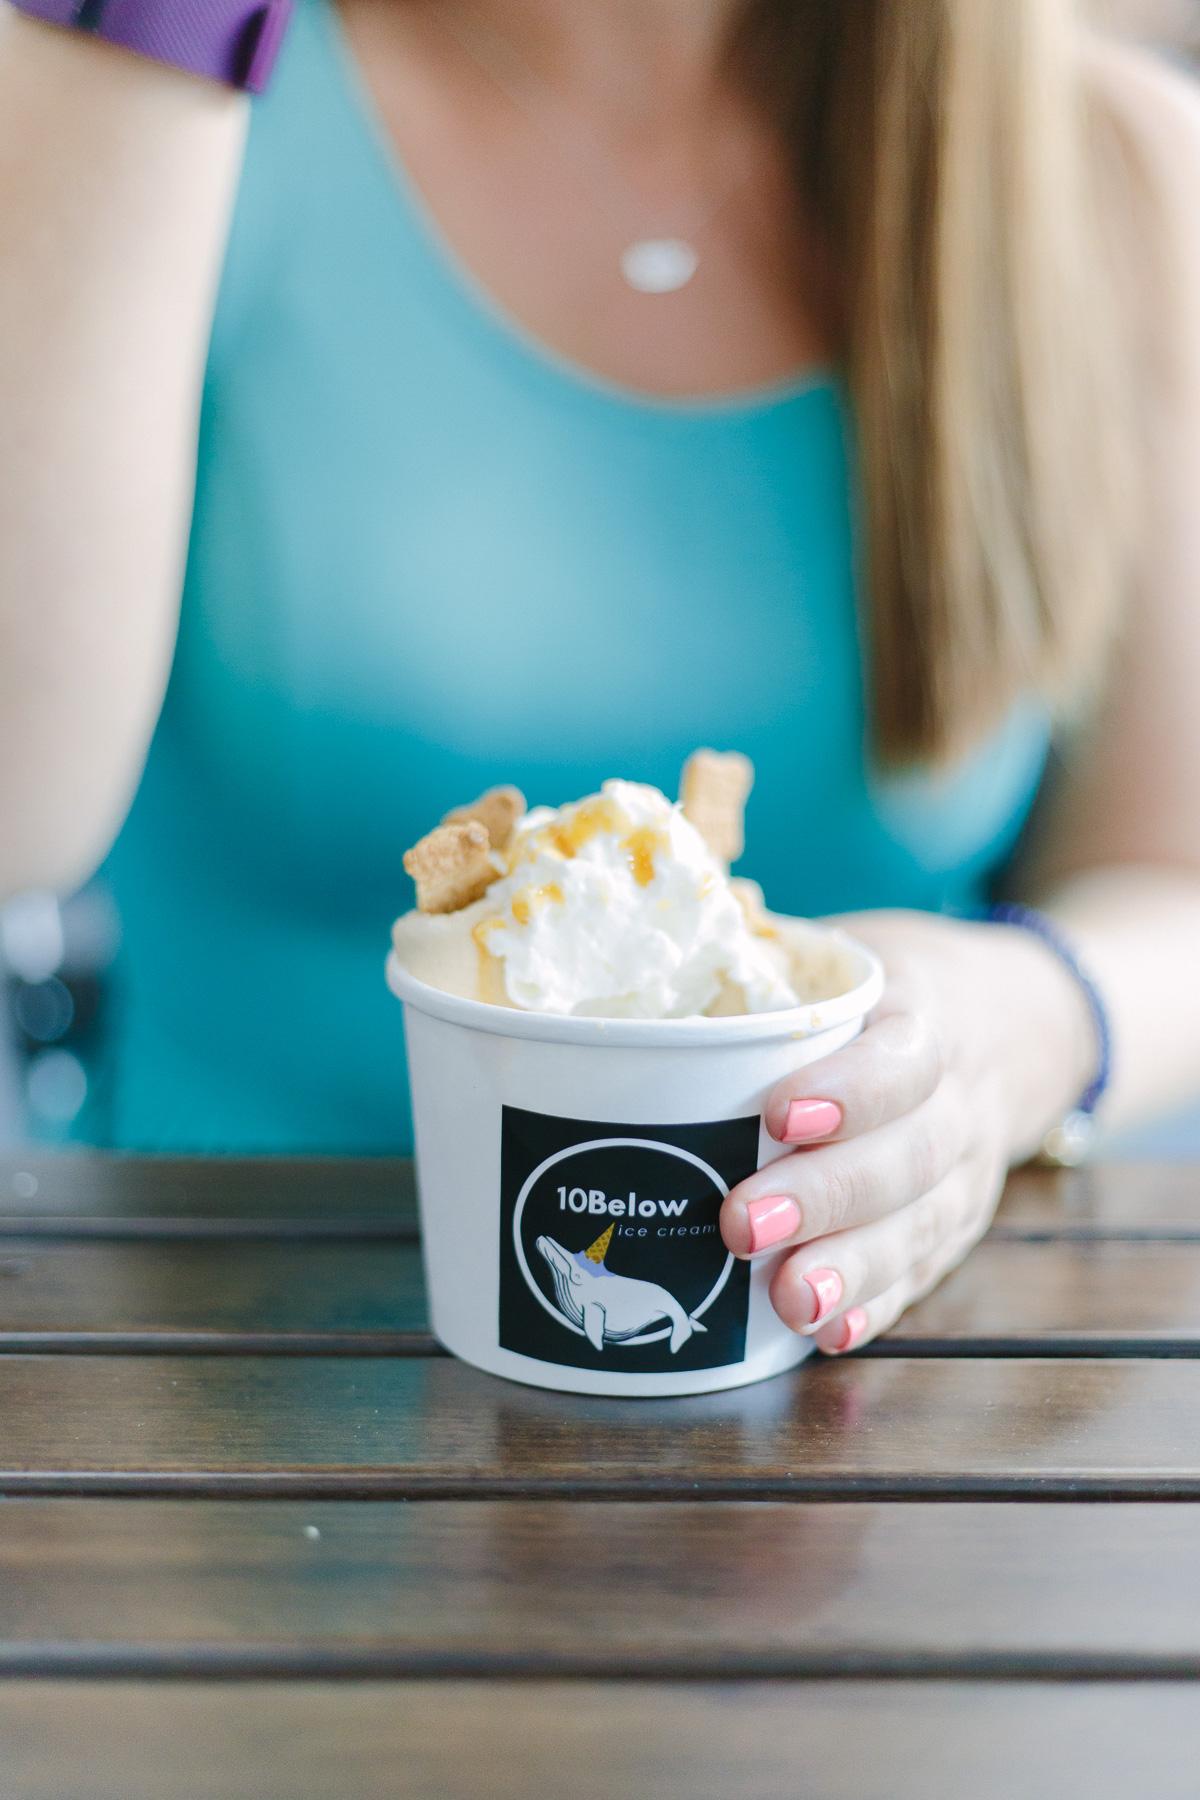 ten-below-ice-cream-5355